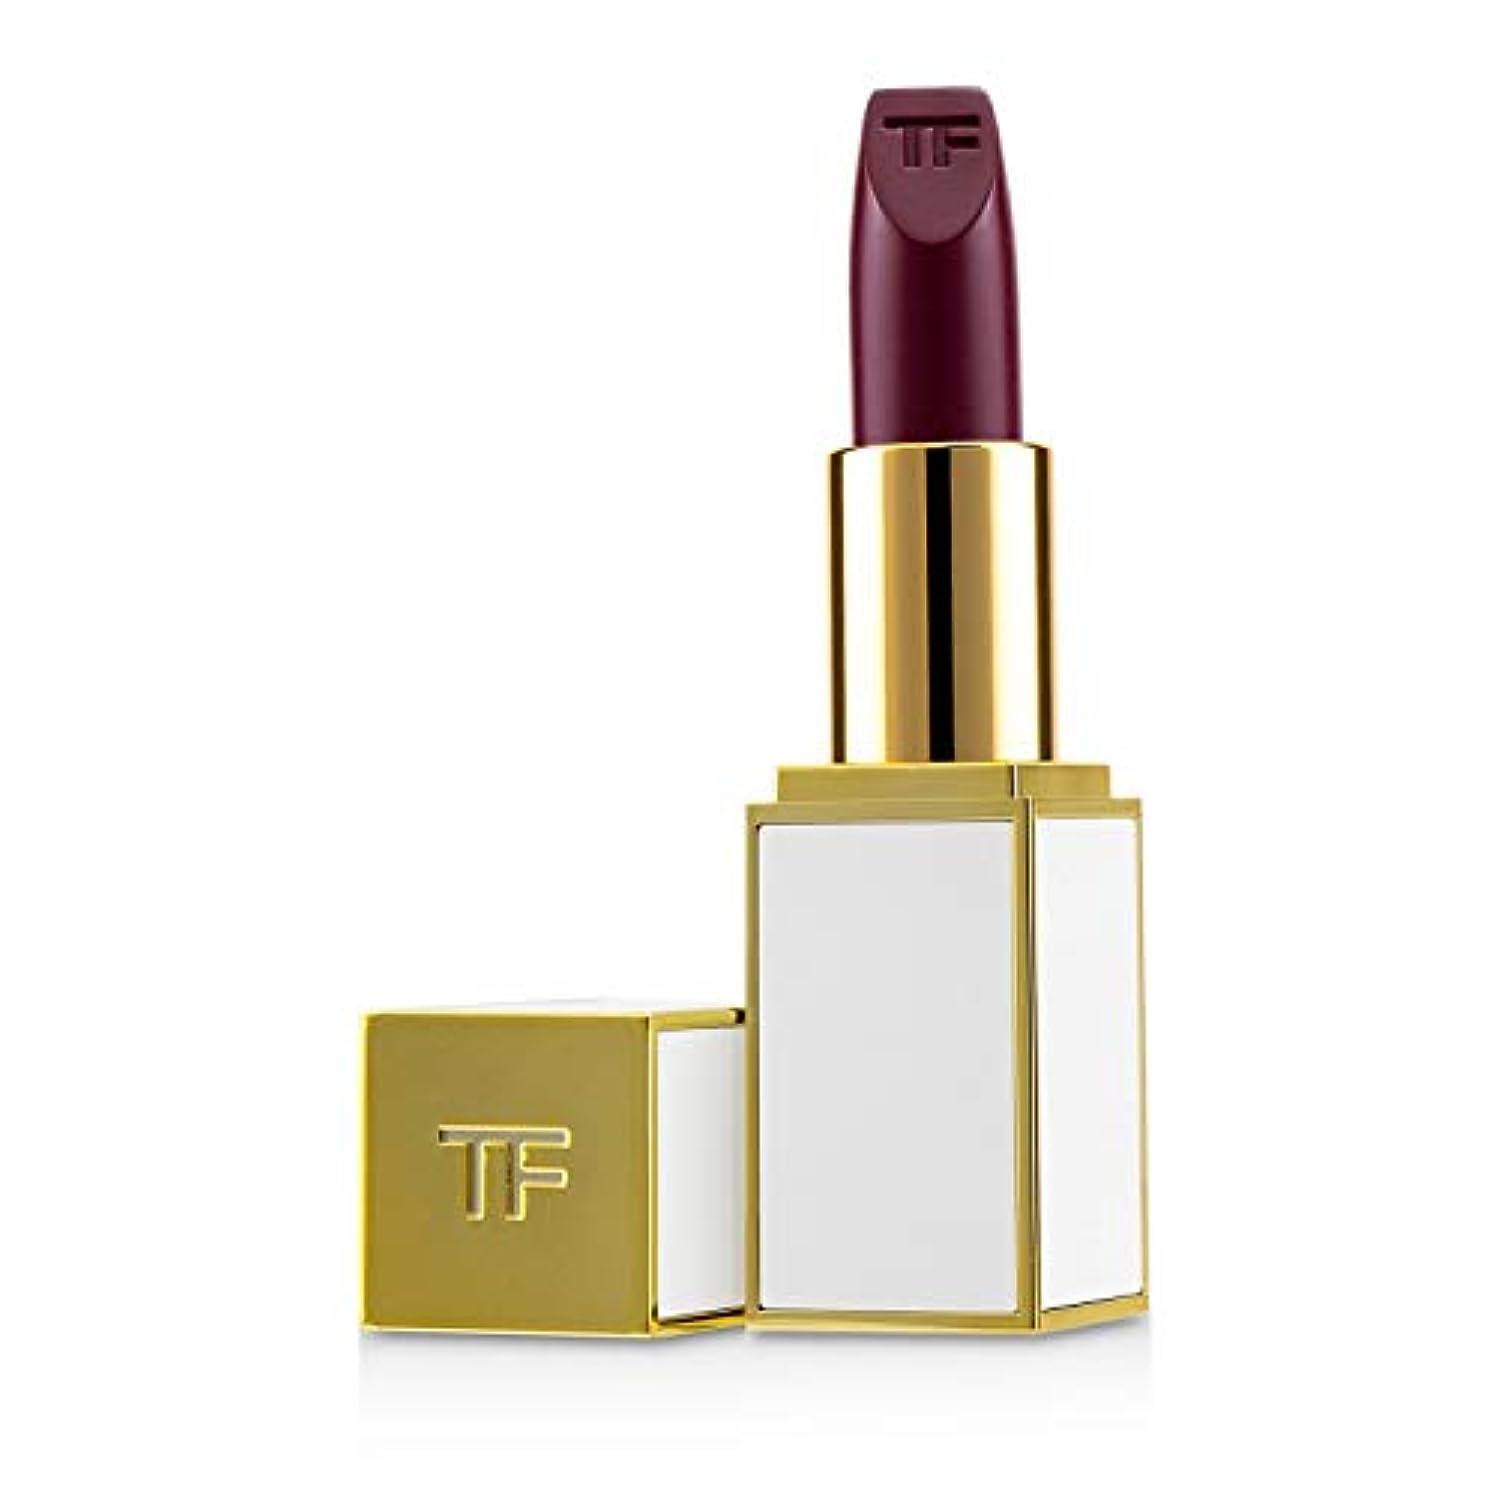 暗記する食品マラウイトム フォード Lip Color Sheer - # 01 Purple Noon 3g/0.1oz並行輸入品